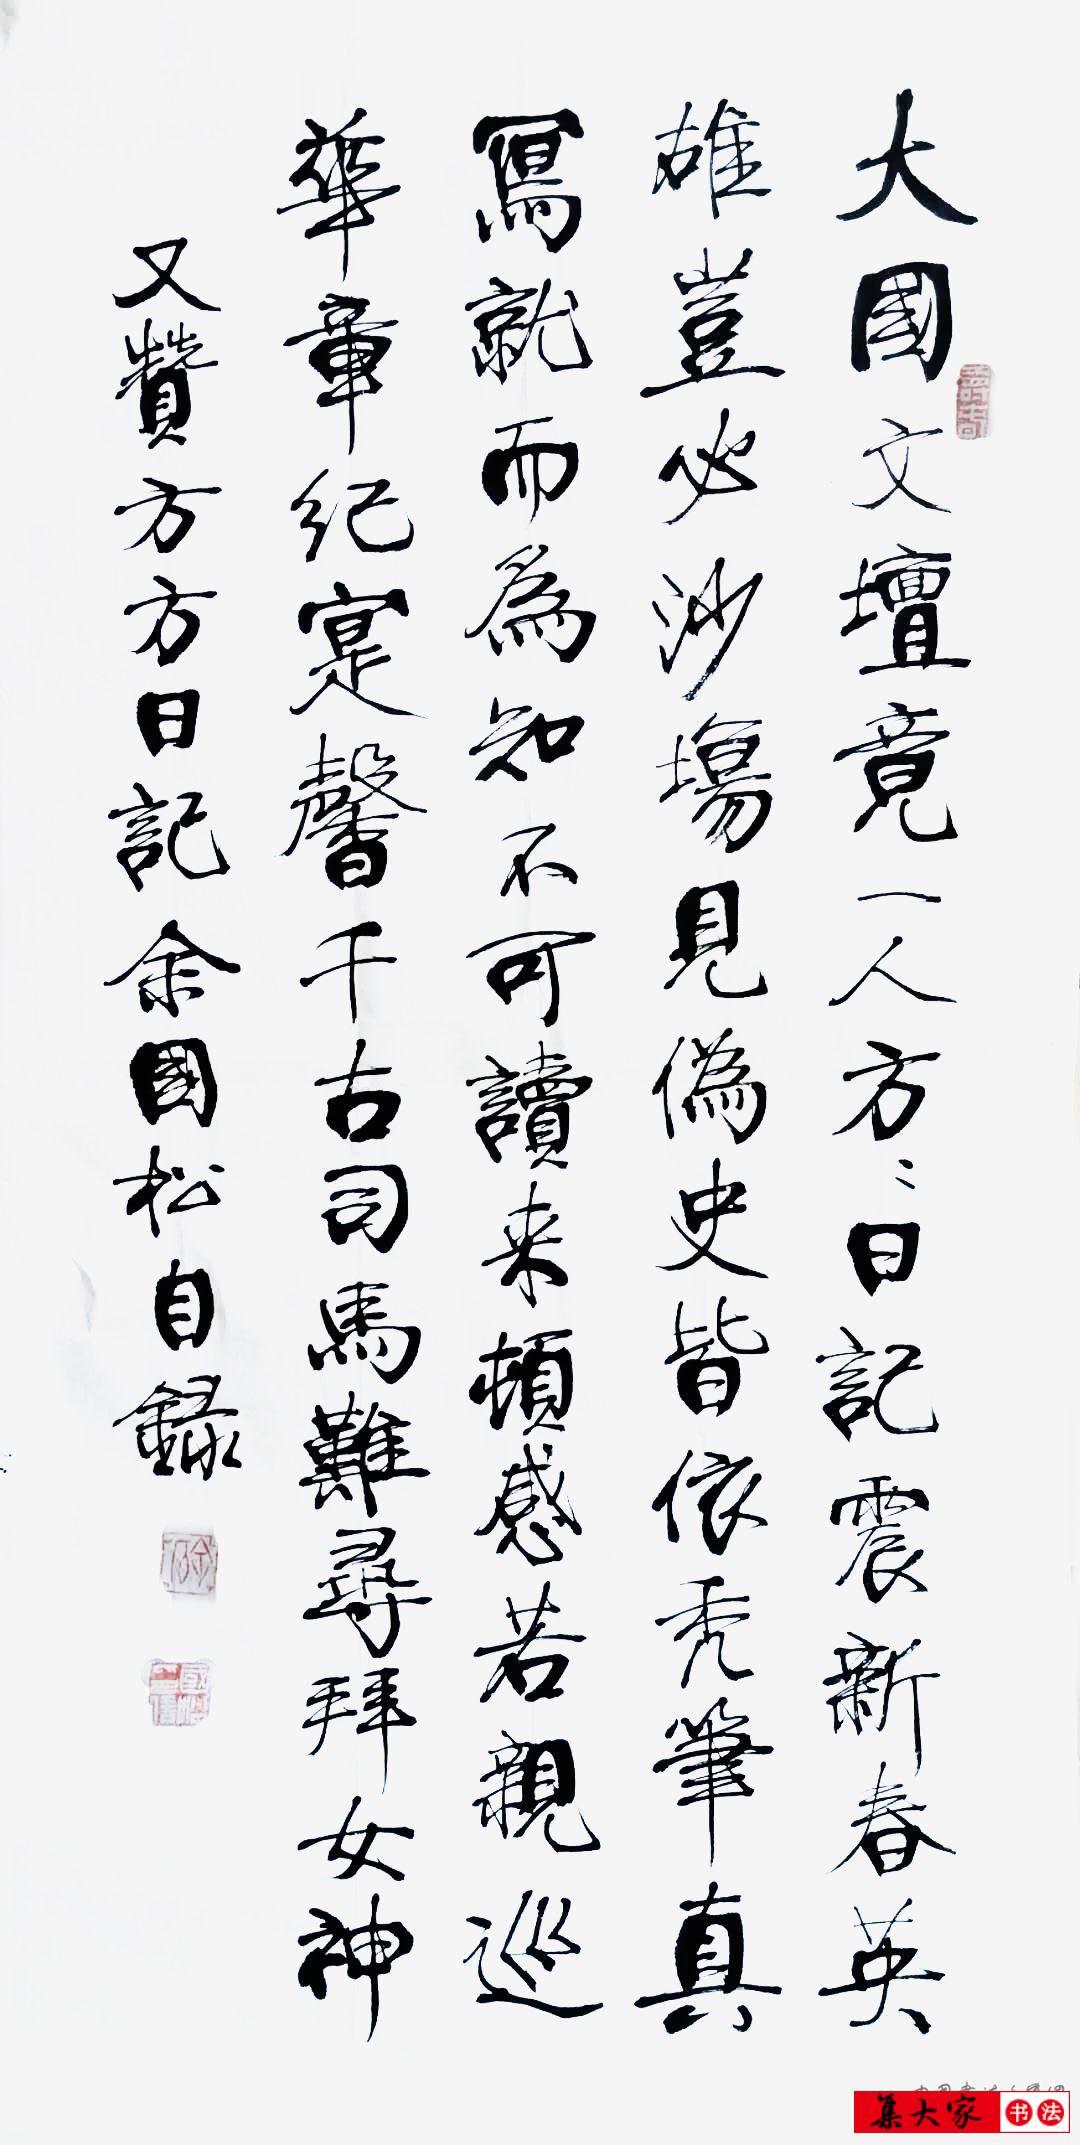 众志成城,书画名家笔墨抗疫(五)